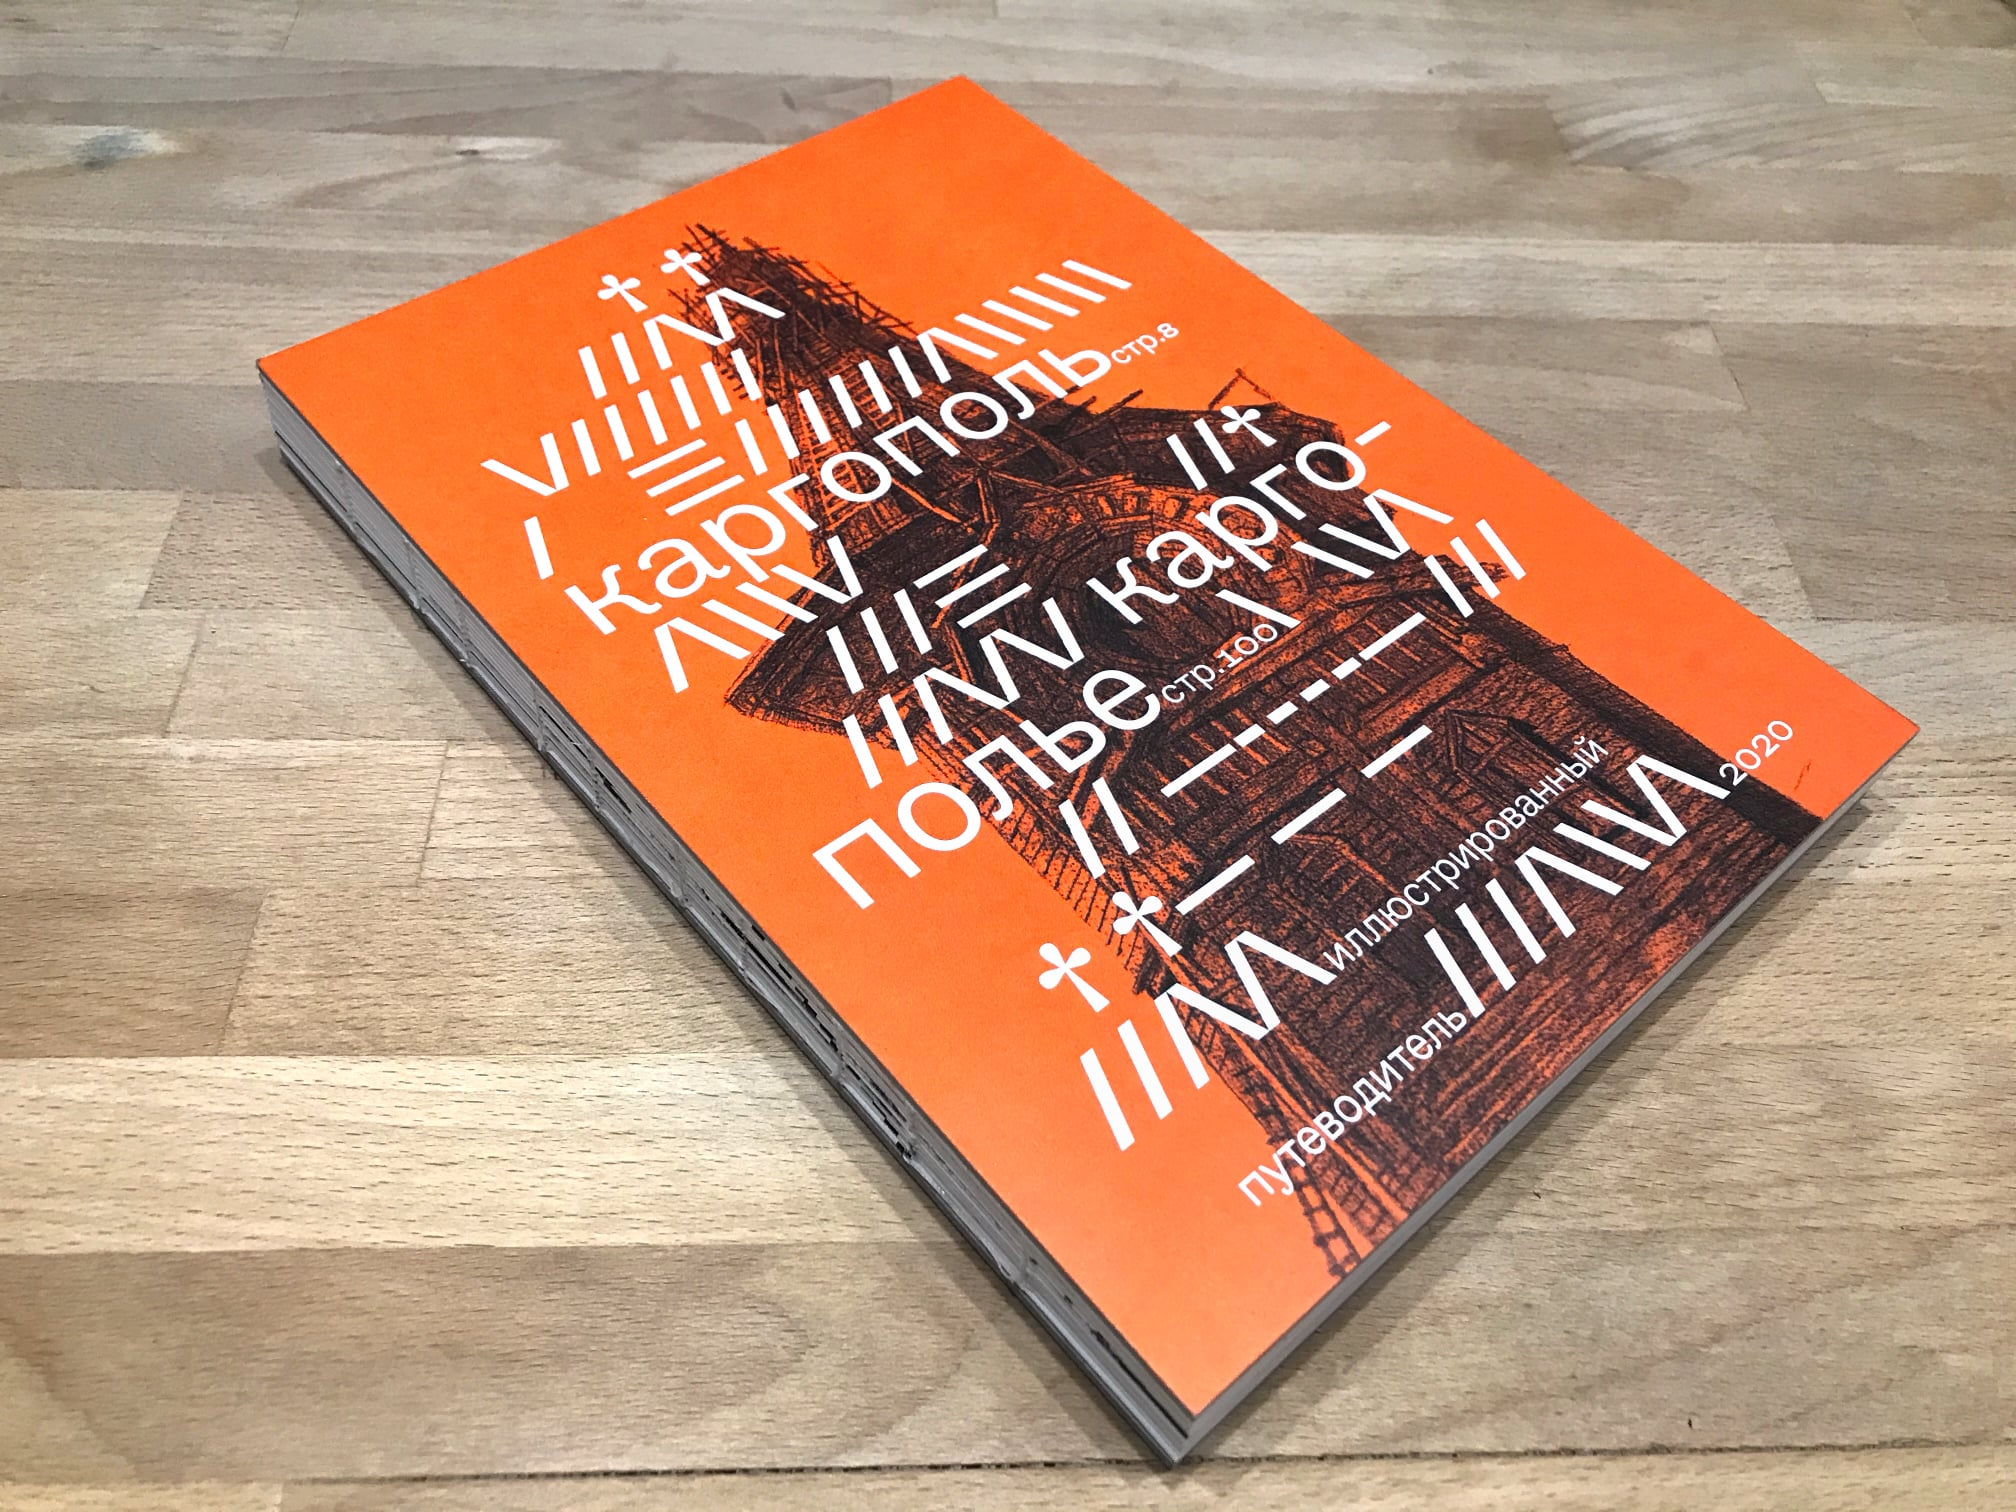 Книга преподавателей Школы дизайна получила диплом нанациональном конкурсе дизайна книги «Жар-книга»